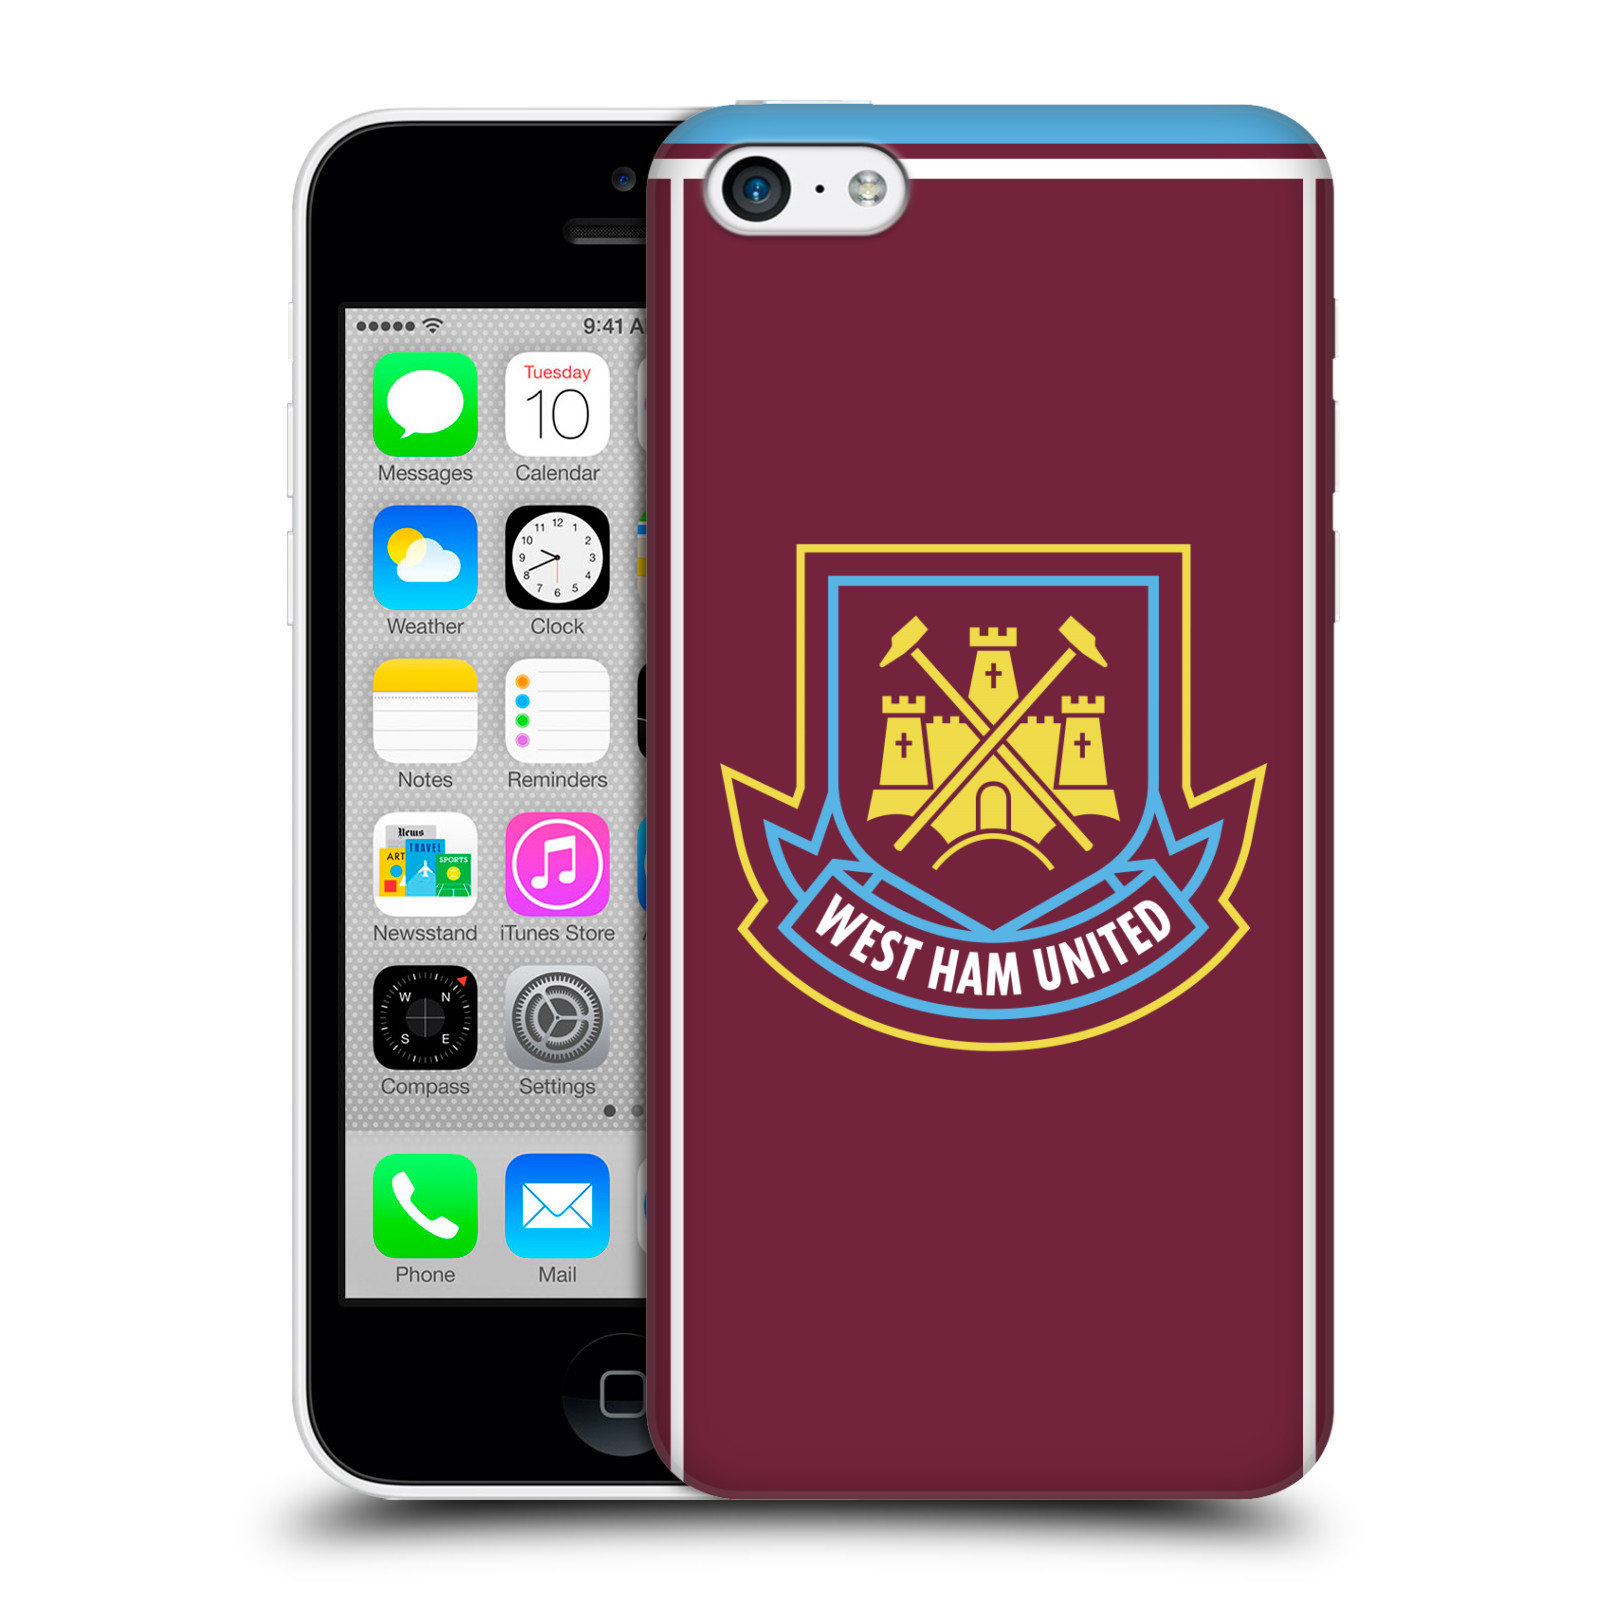 Plastové pouzdro na mobil Apple iPhone 5C - Head Case - West Ham United - Retro znak (Plastový kryt či obal na mobilní telefon s motivem West Ham United - Kladiváři - Retro znak pro Apple iPhone 5C)